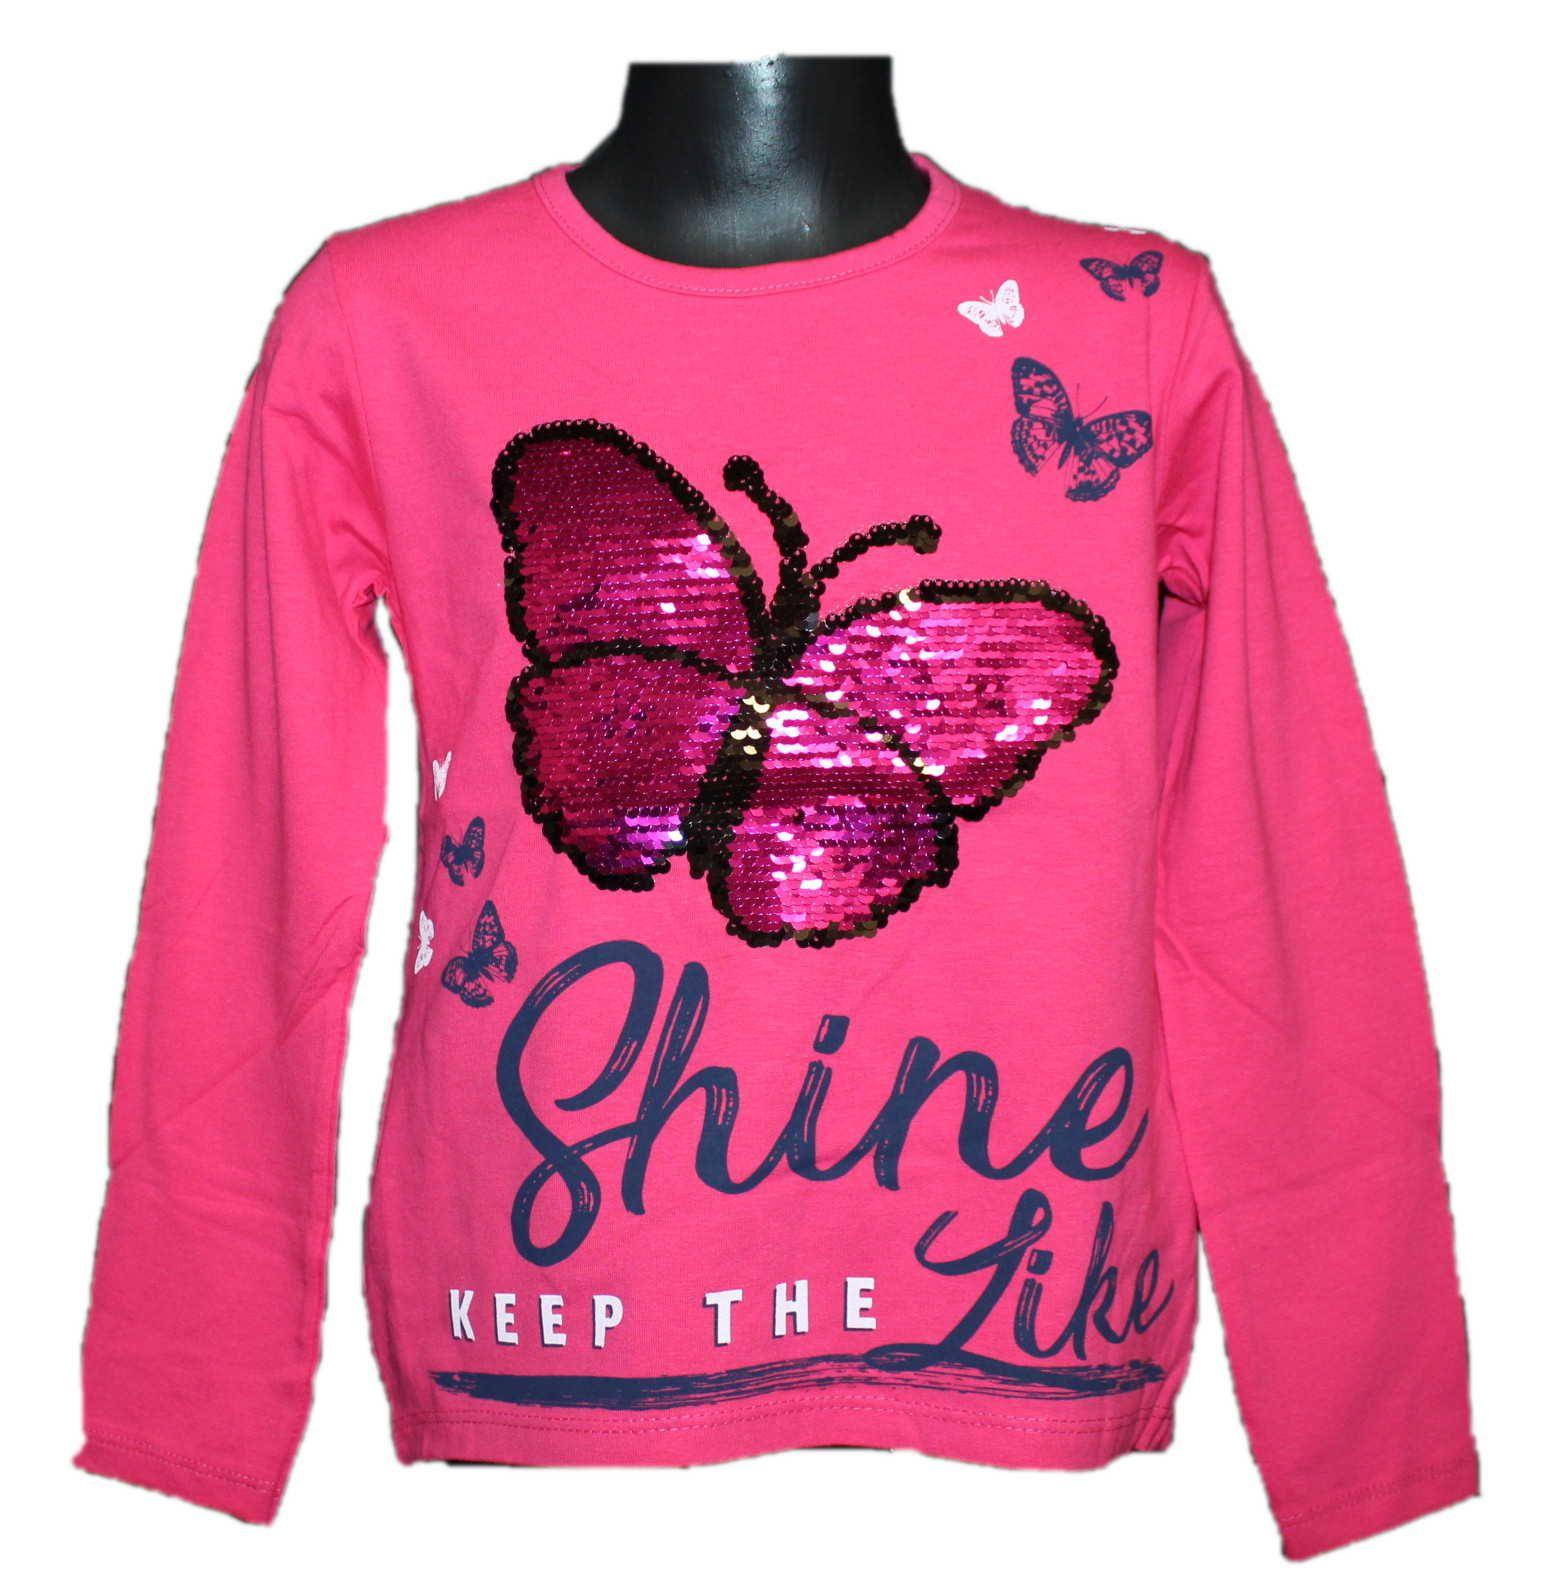 měnící tričko, přeměňovací tričko s motýlem Tomurcuk